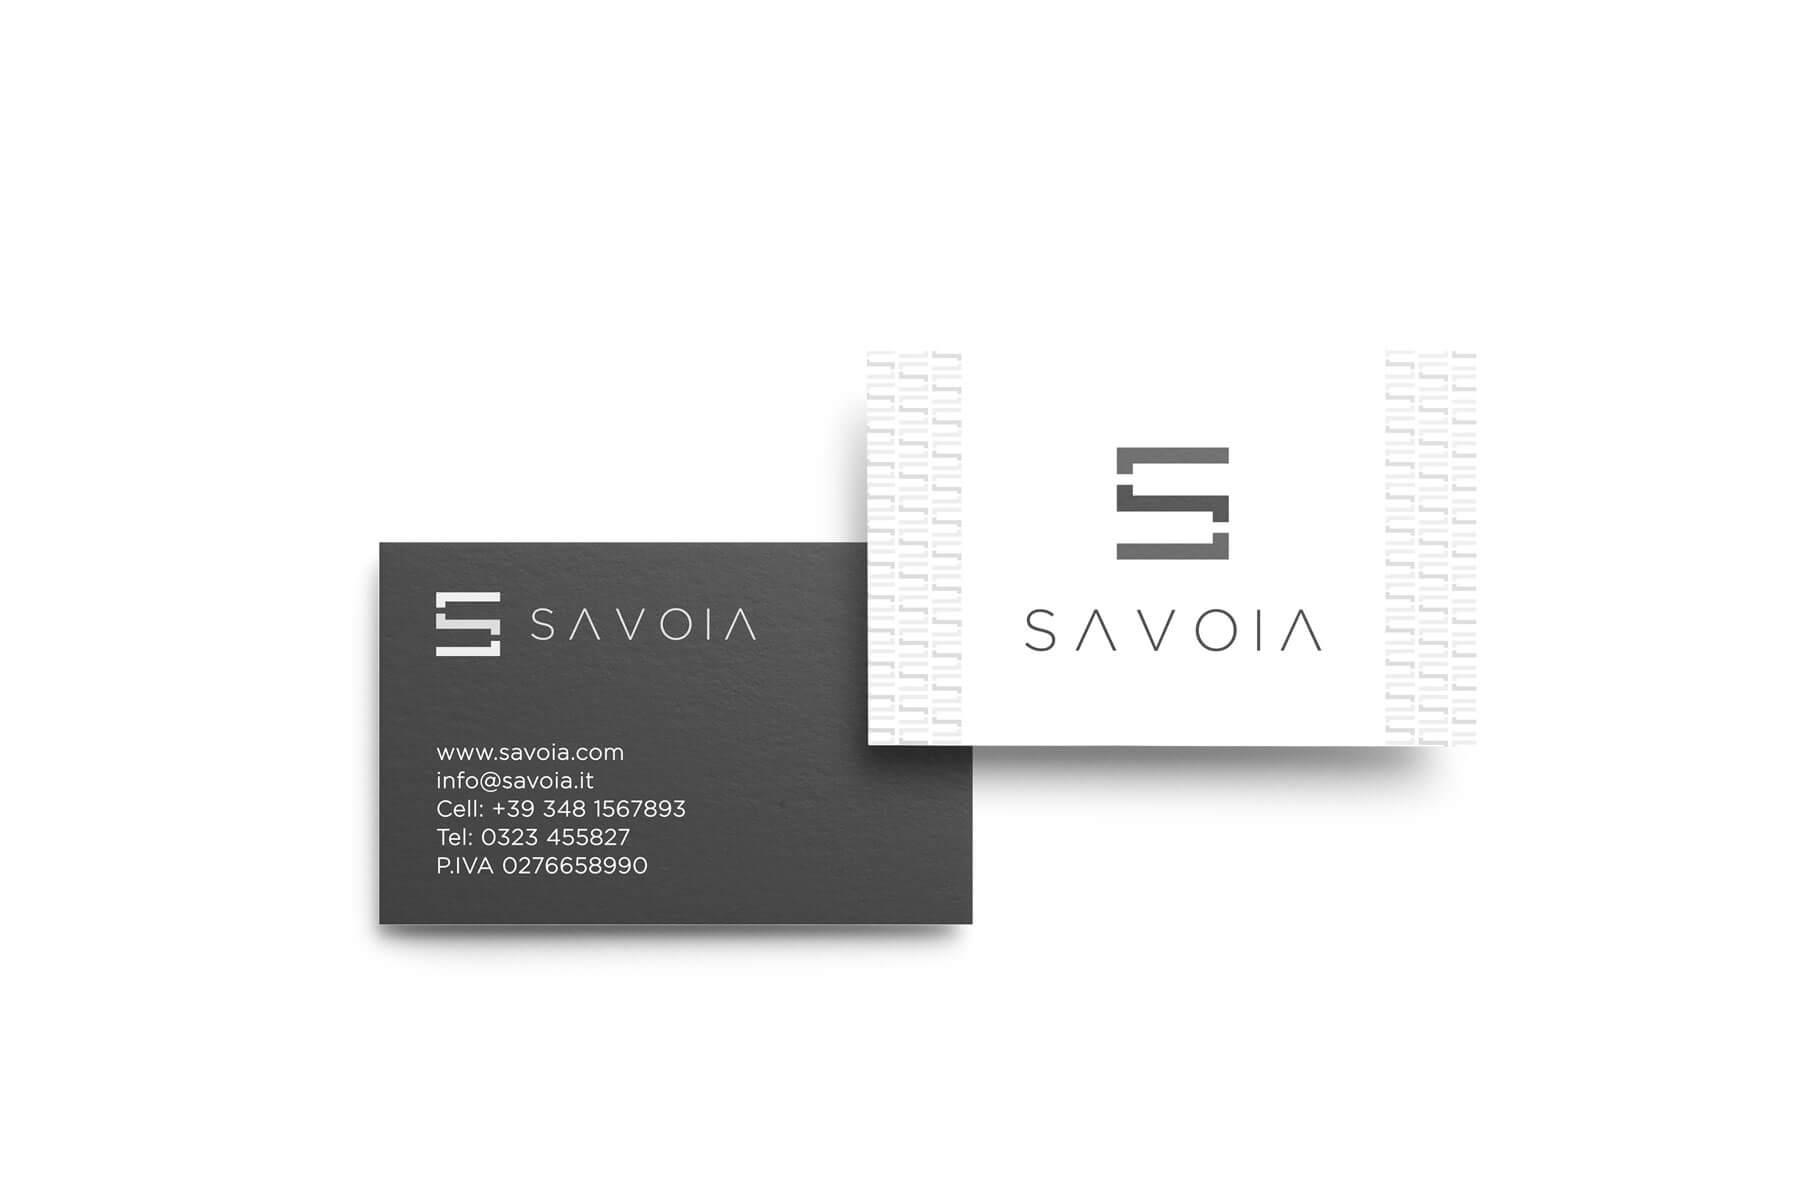 due biglietti da visita con logo e brand identity design di savoia fronte e retro su sfondo bianco. il fronte è di colore bianco e il retro è di colore grigio scuro